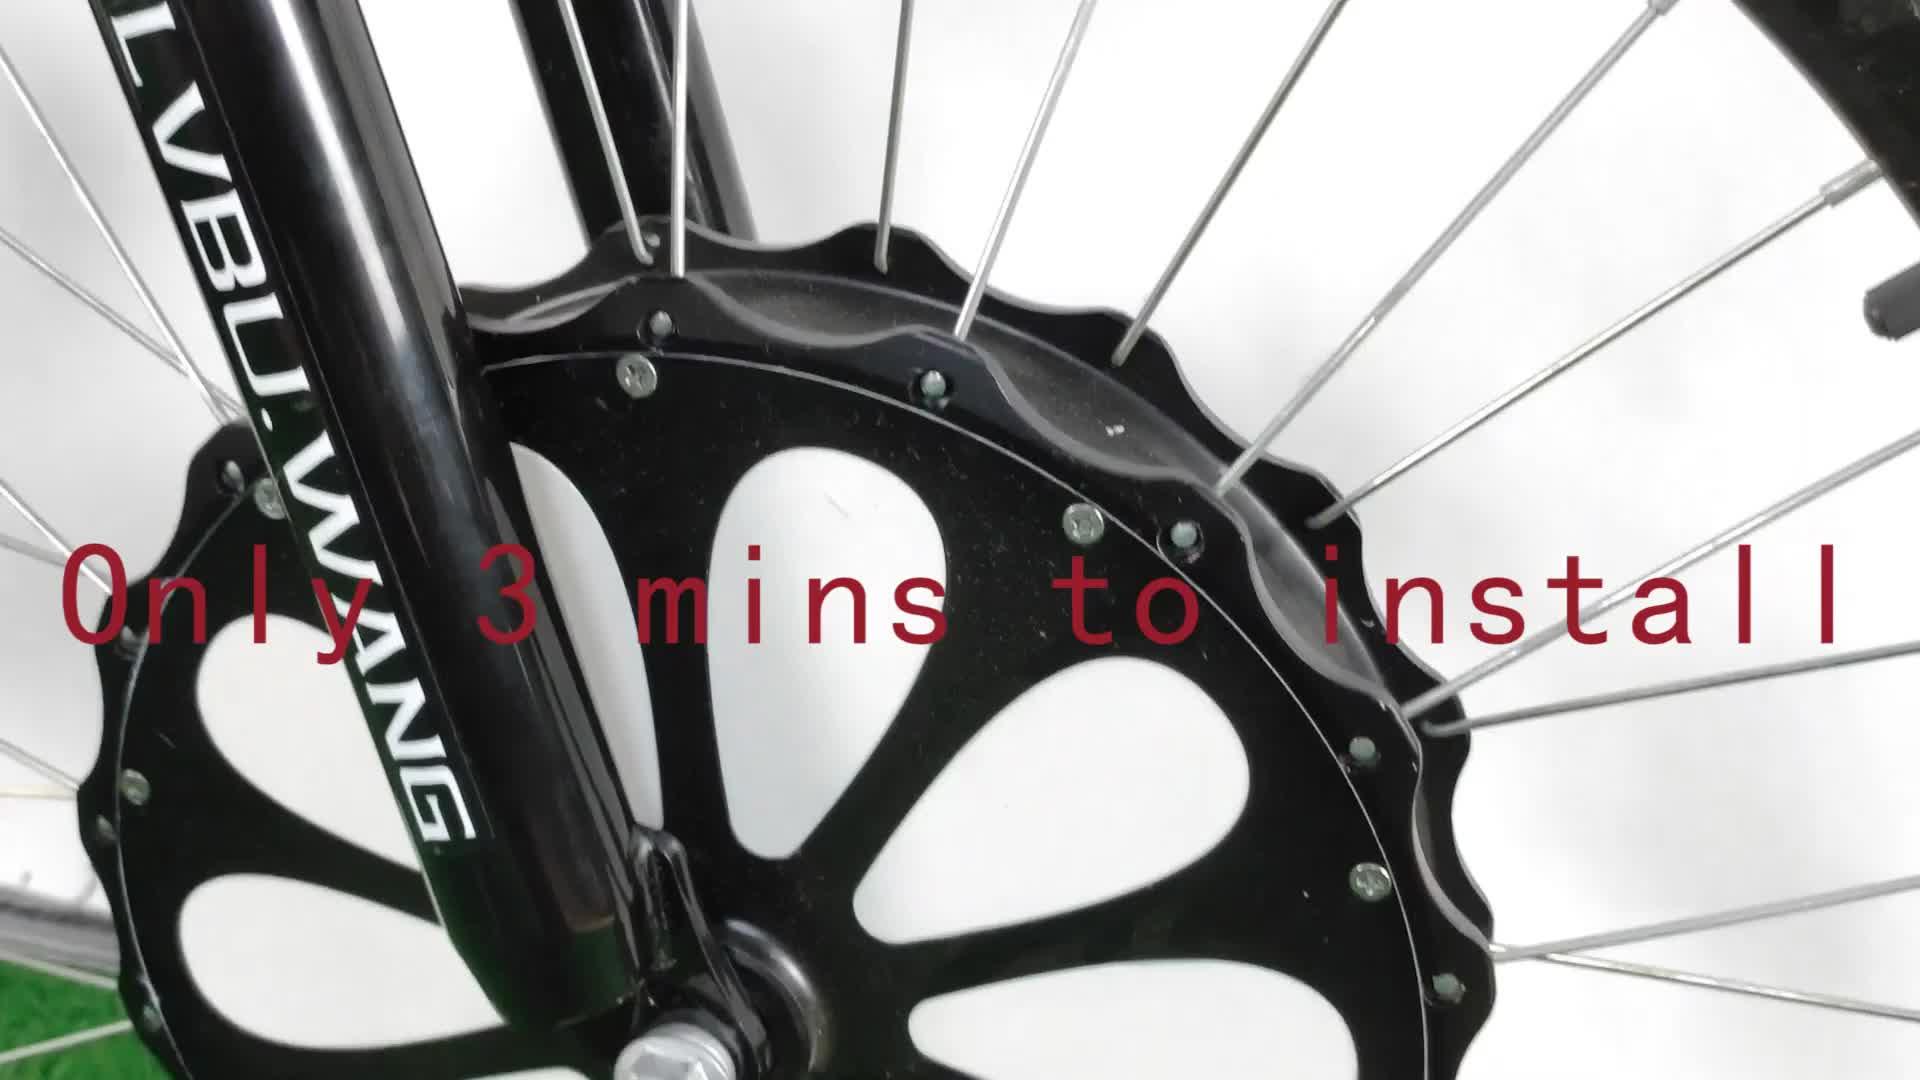 オールインワンホイールbx30d 26in電動自転車変換キット、バッテリー隠し電源フロントホイールeバイク変換キット28